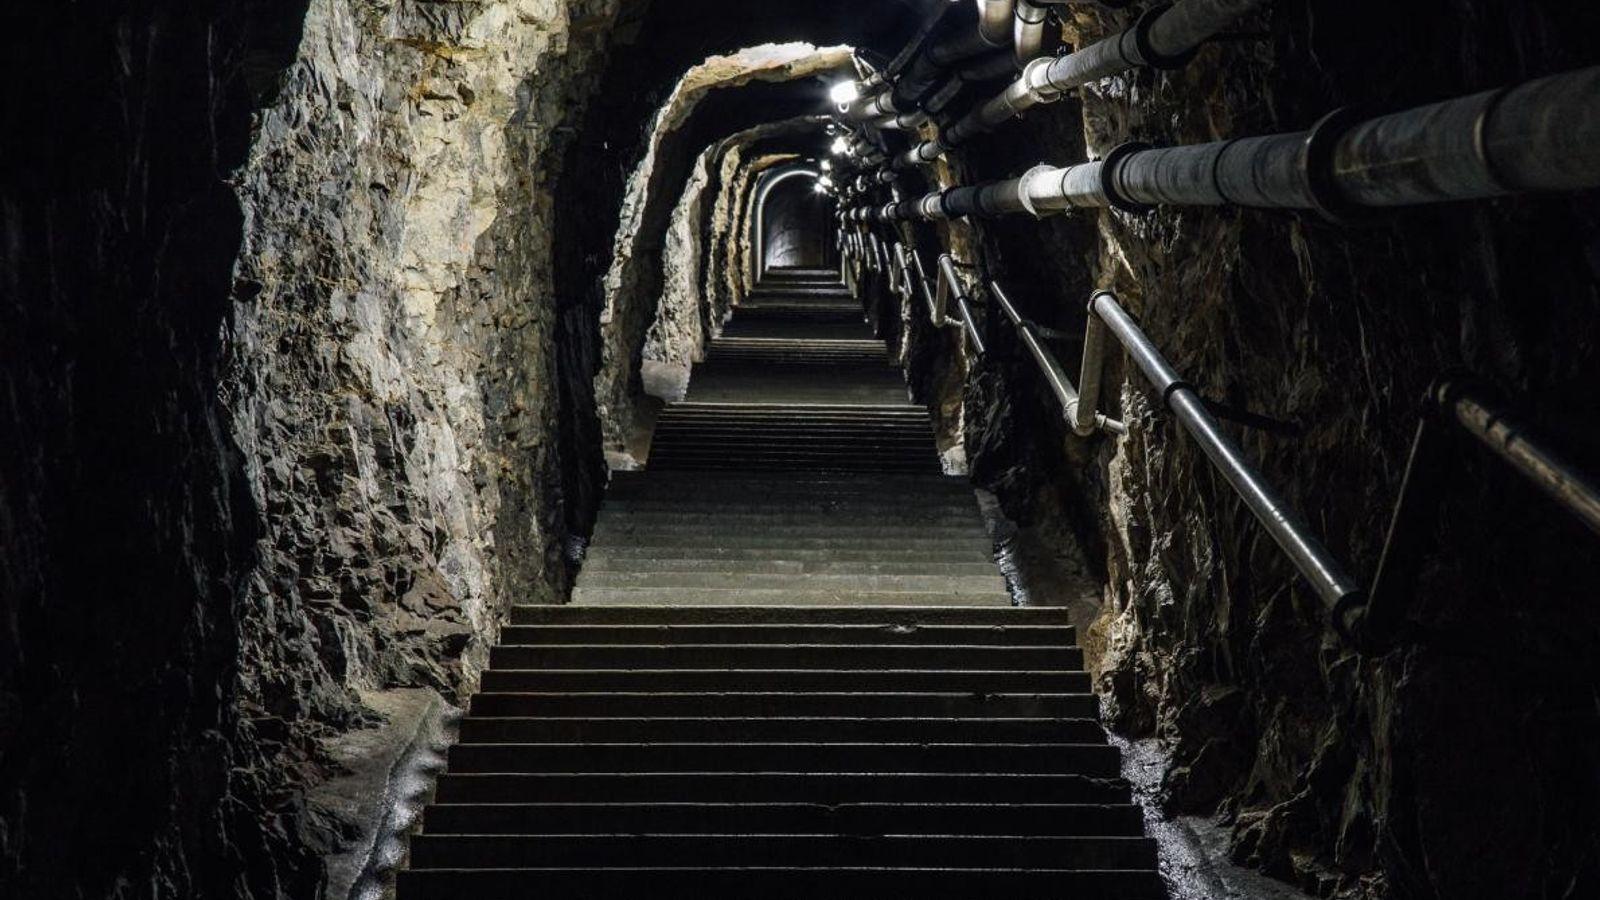 Plongée dans les bunkers de la Seconde Guerre mondiale